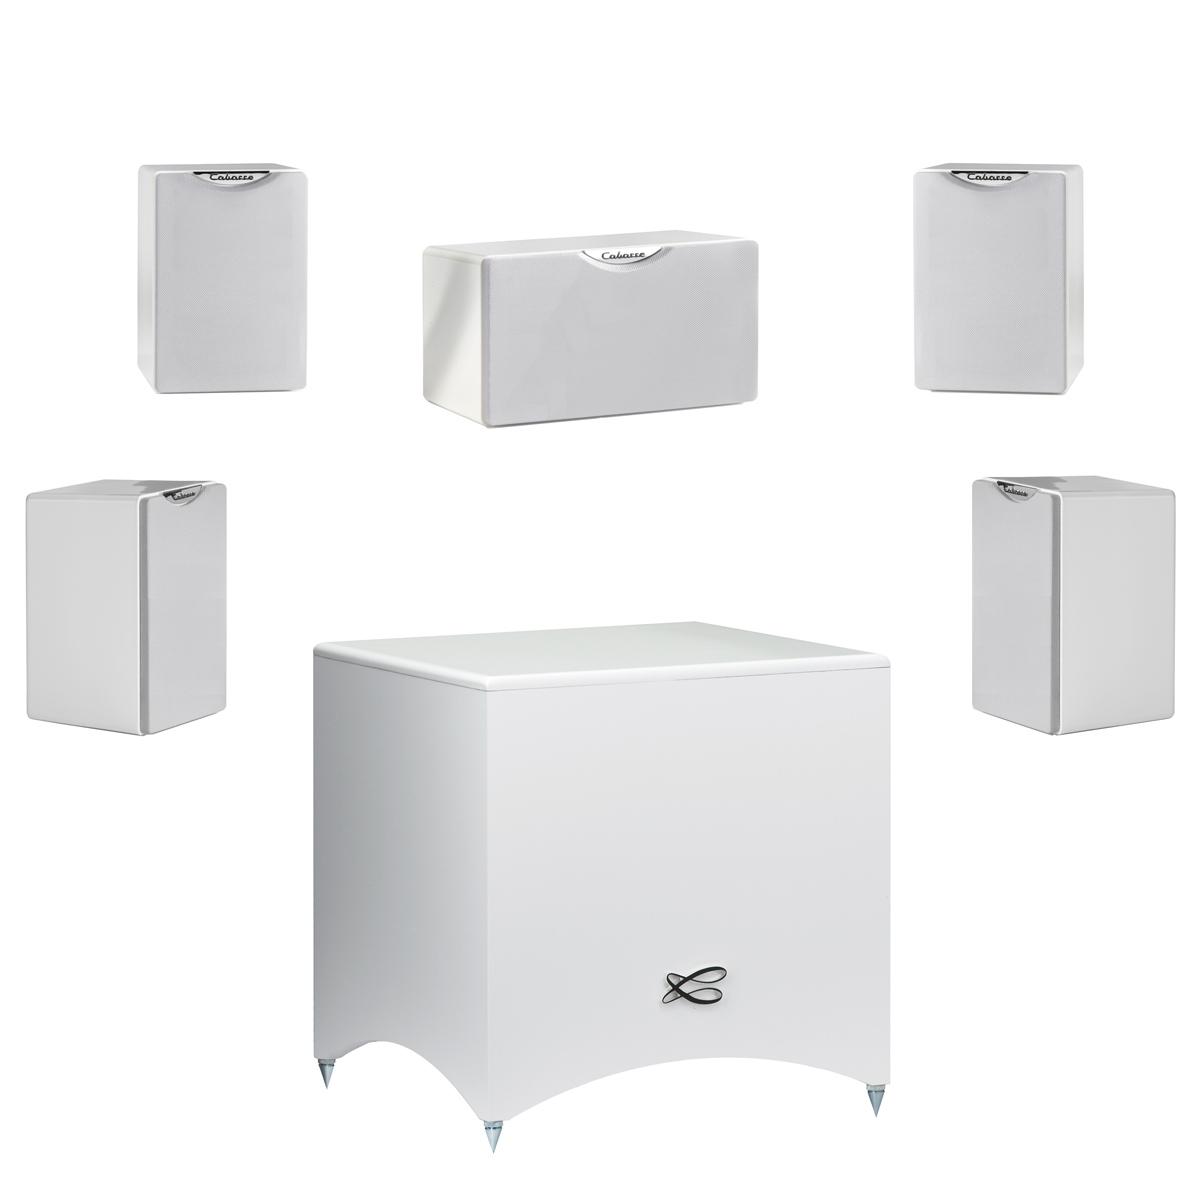 cabasse pack fidji 5 1 blanc enceintes hifi cabasse sur ldlc. Black Bedroom Furniture Sets. Home Design Ideas